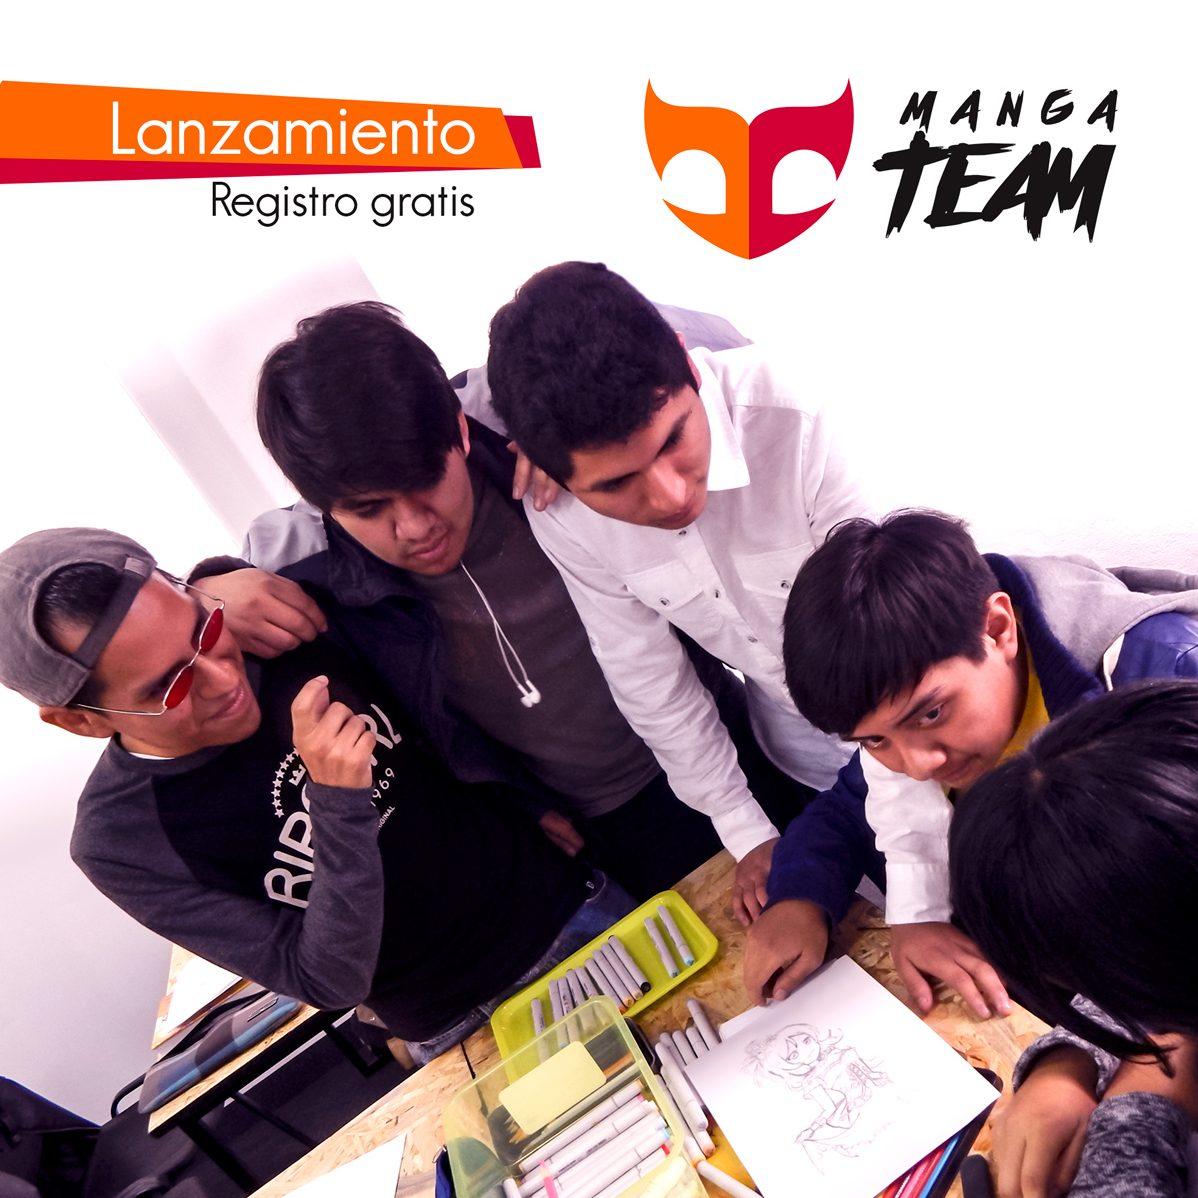 Manga Team